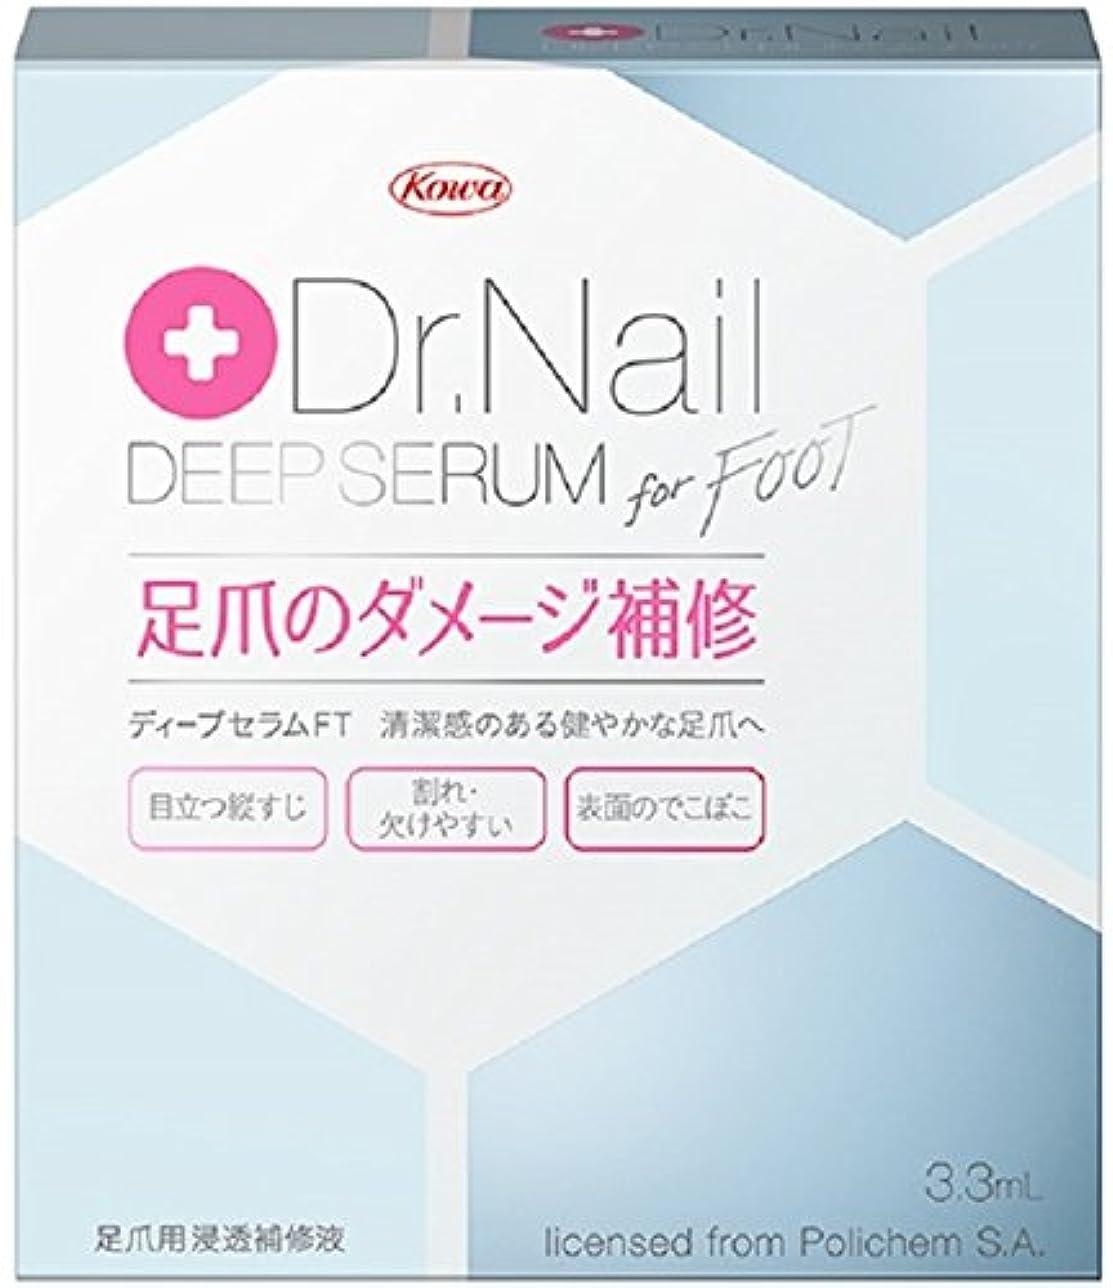 ベジタリアン先住民ウェイド興和(コーワ) Dr.Nail DEEP SERUM for FOOT ドクターネイル ディープセラム 足爪用 3.3ml